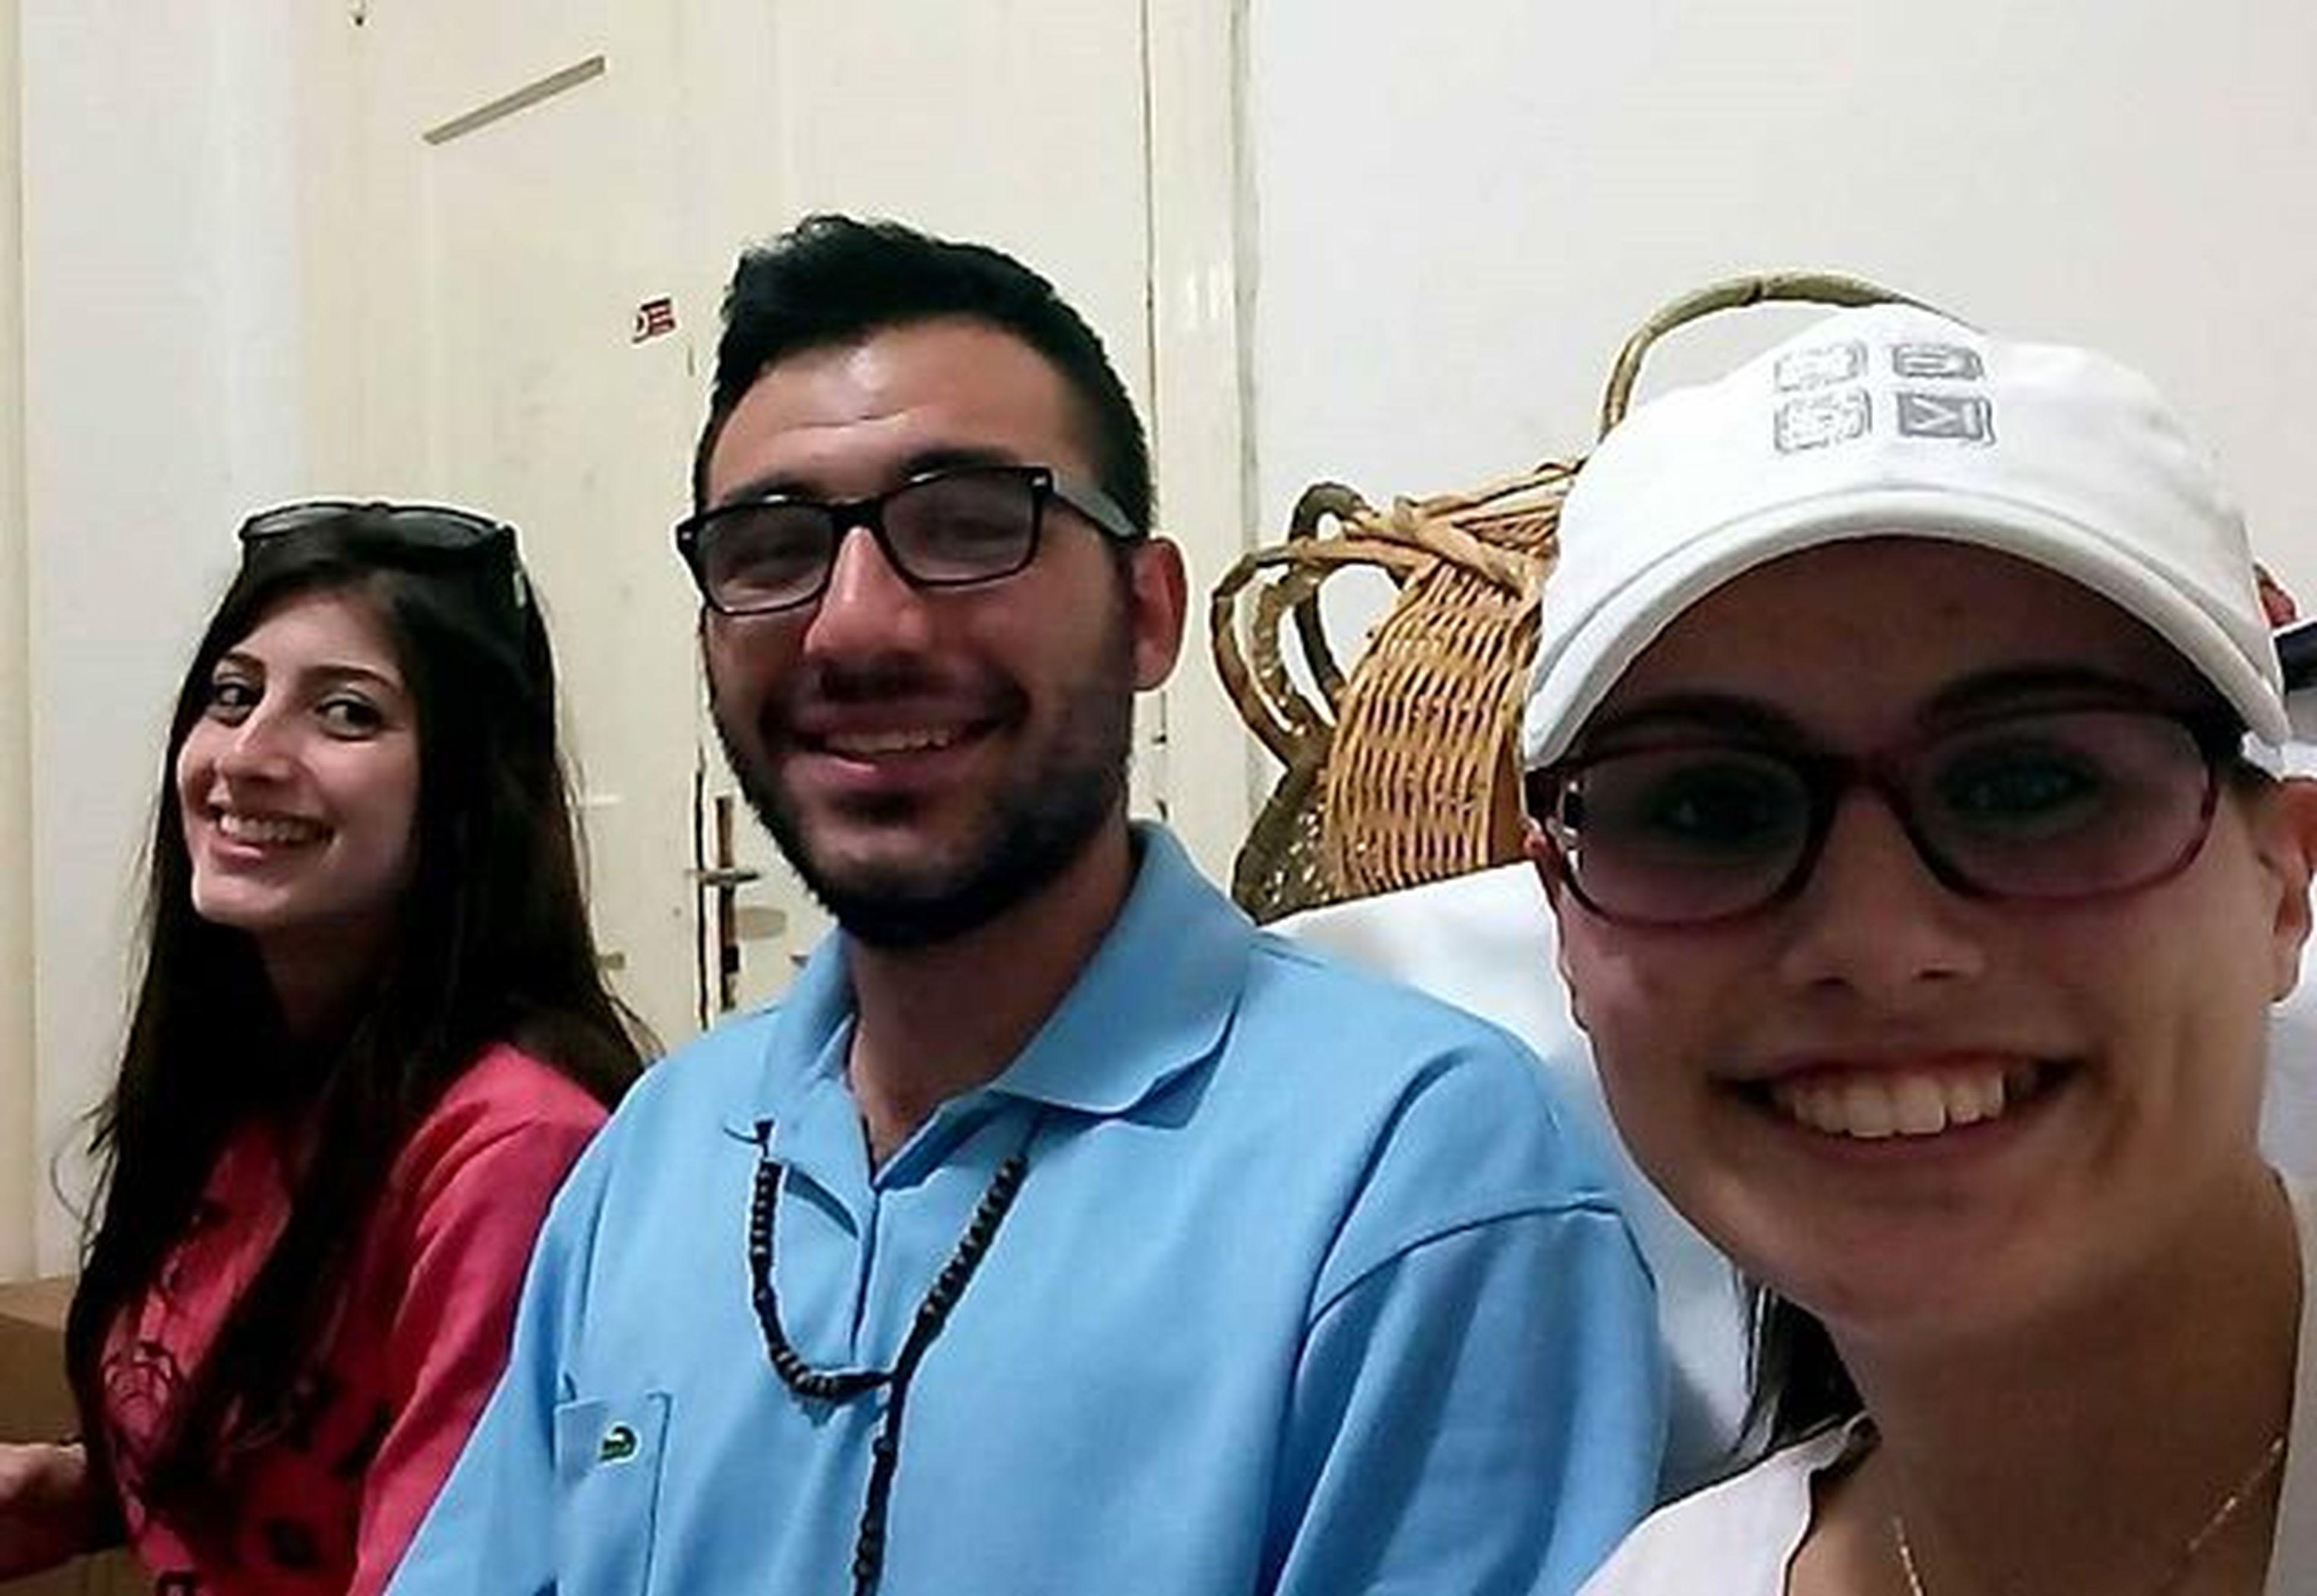 جماعة القوات اللبنانية /_\ Friends Onebigfamily Lebaneseforces Paulthebest Jessythefunny ❤😍